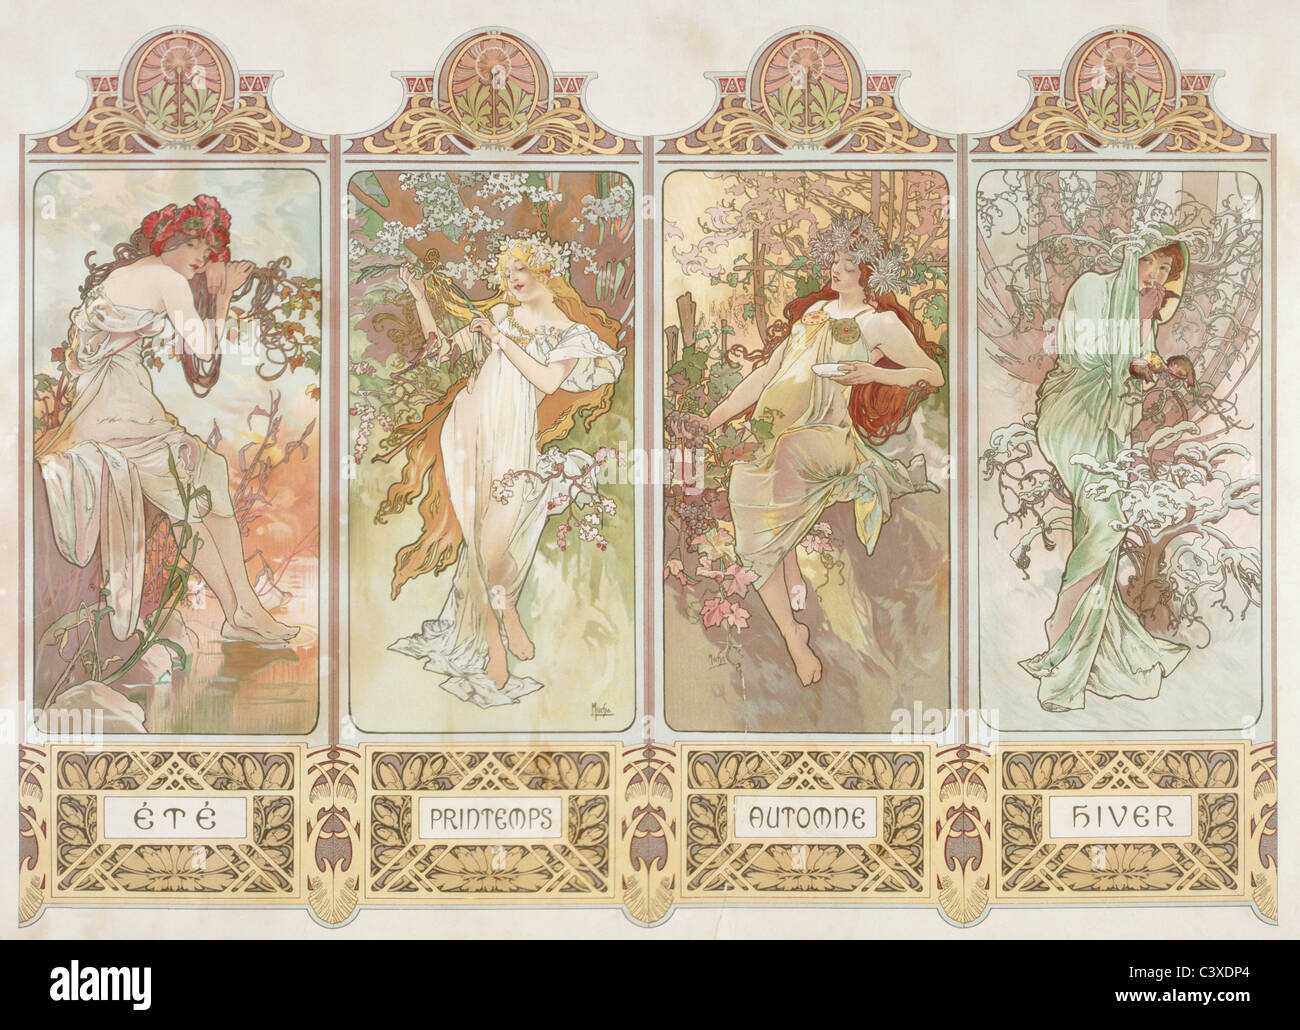 Les saisons, par Alphonse Mucha. Paris, France, 20e siècle Banque D'Images